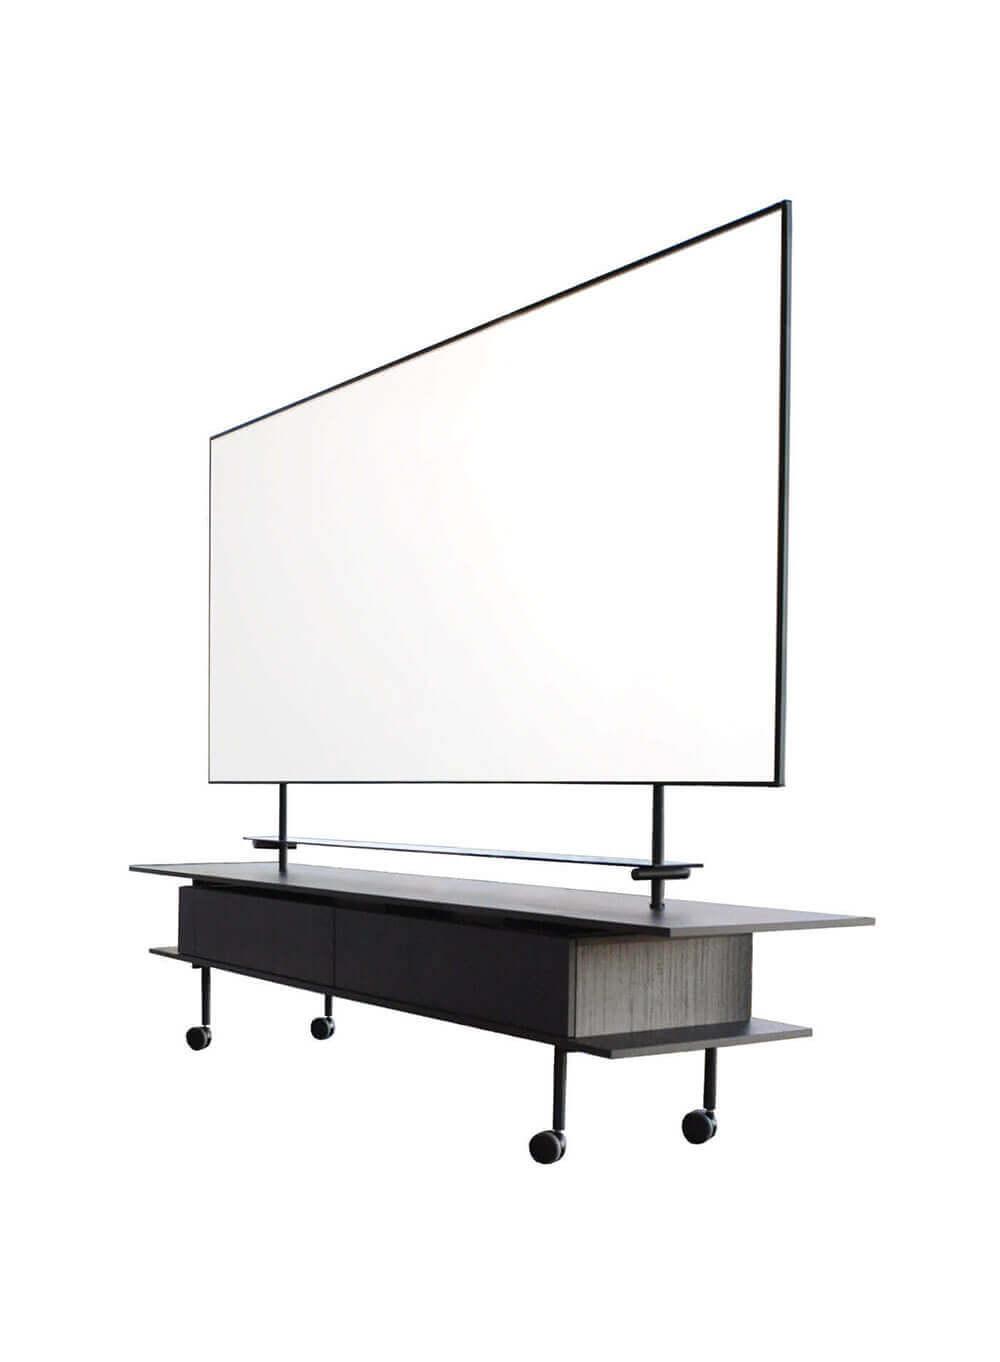 Een uniek groot verrijdbaar emaille magnetisch whiteboard 270*120 cm